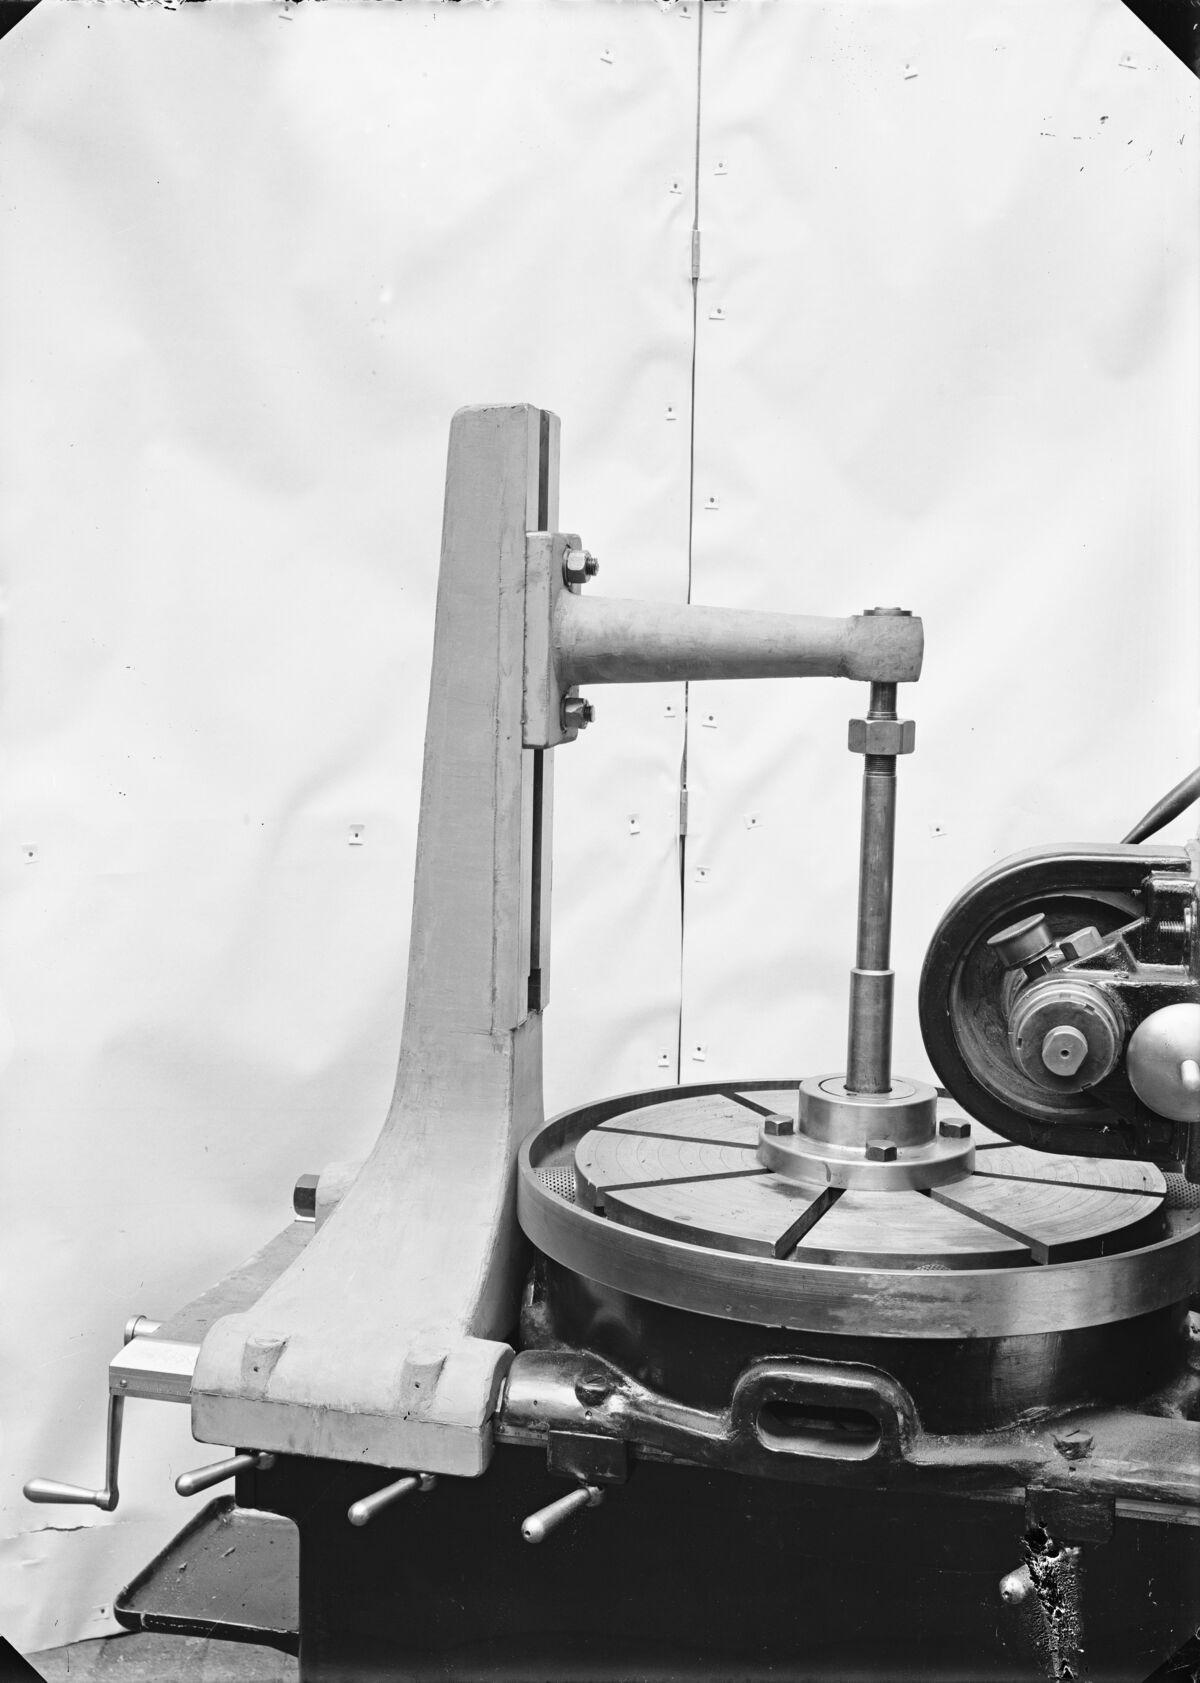 GFA 16/15196: Gear-cutter machine